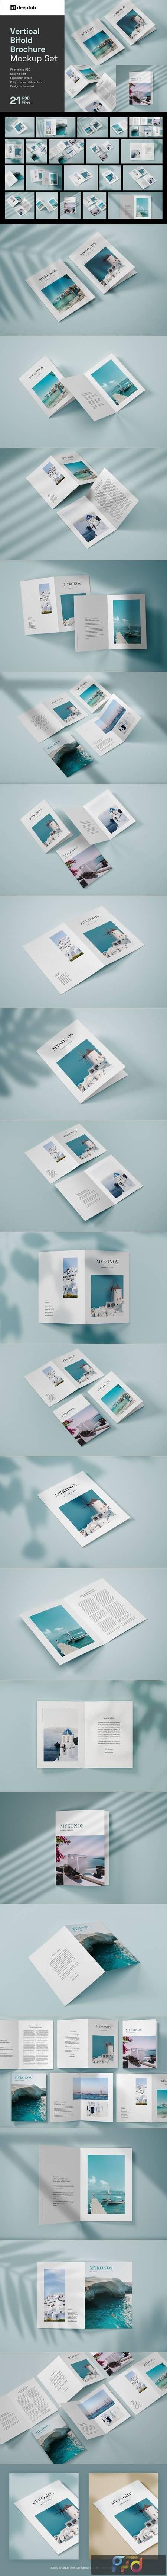 Vertical Bifold Brochure Mockup Set 4805439 1